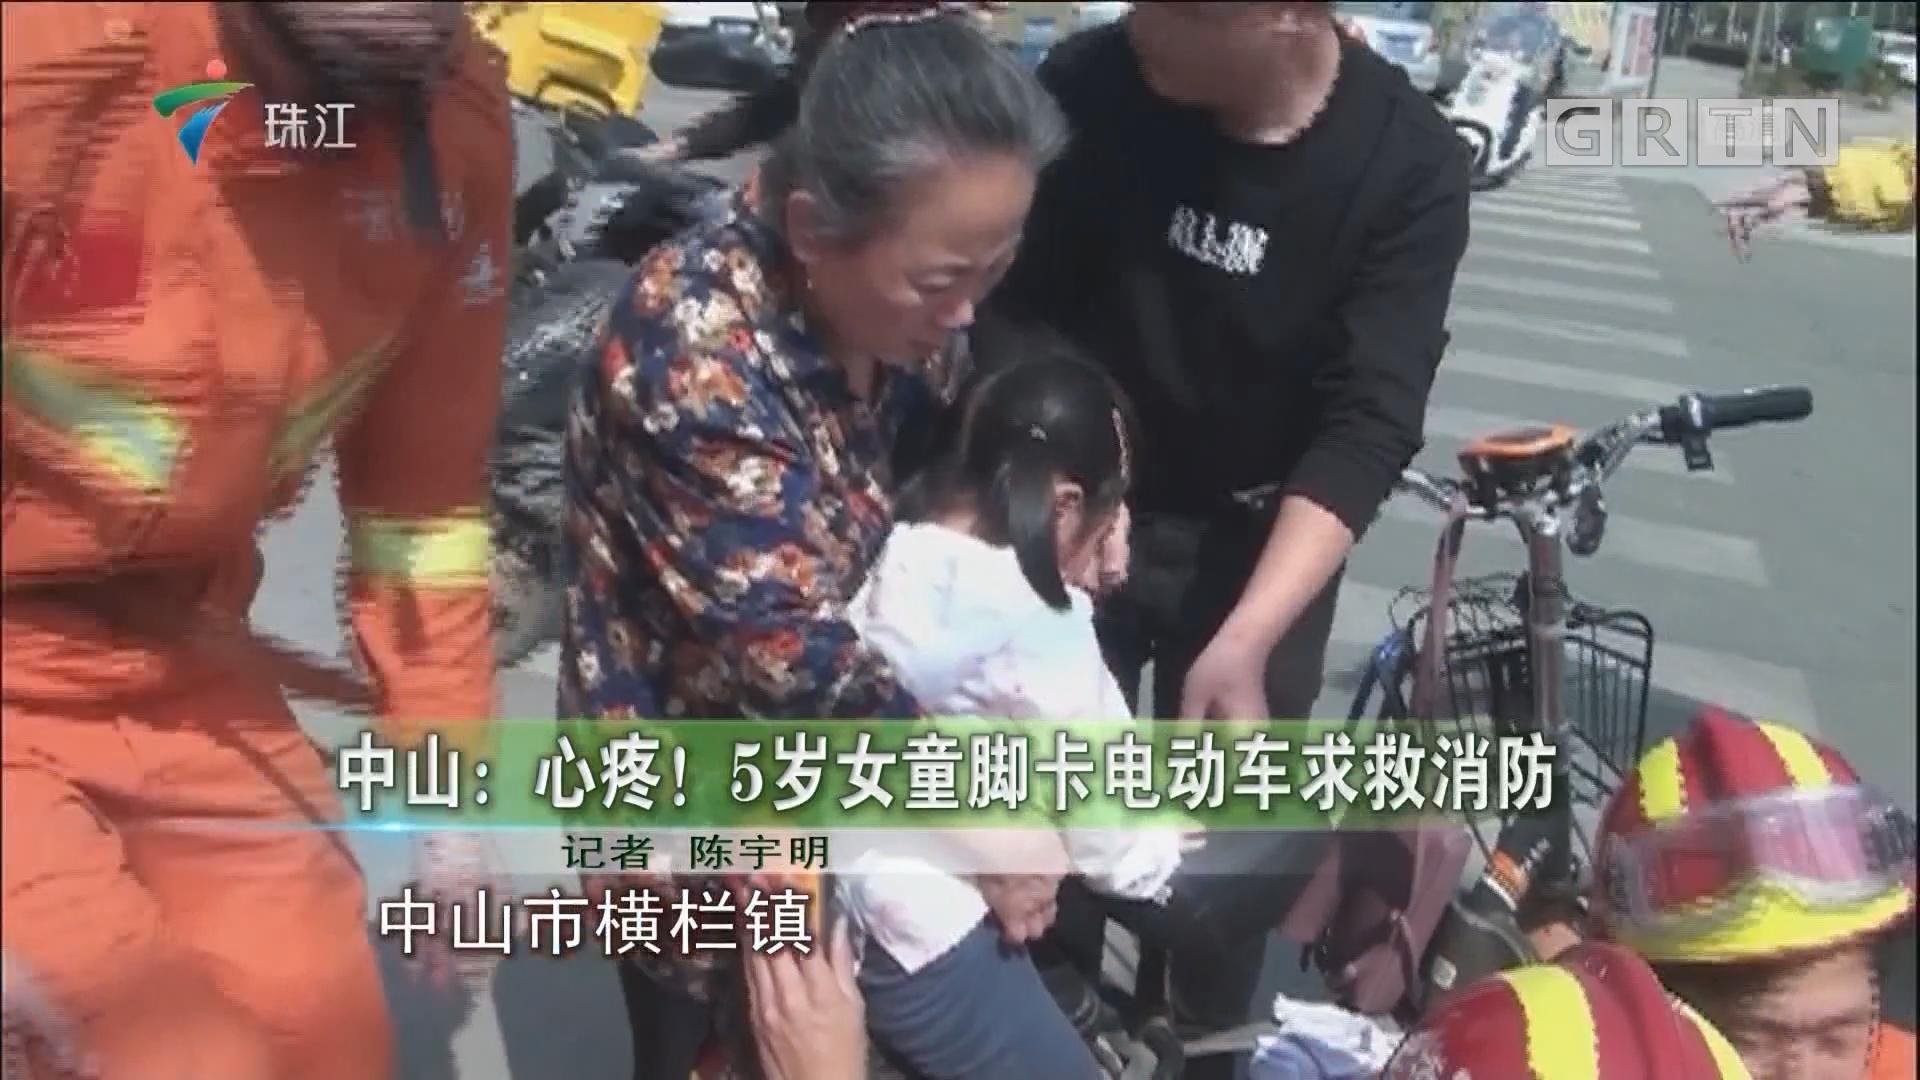 中山:心疼!5岁女童脚卡电动车求救消防